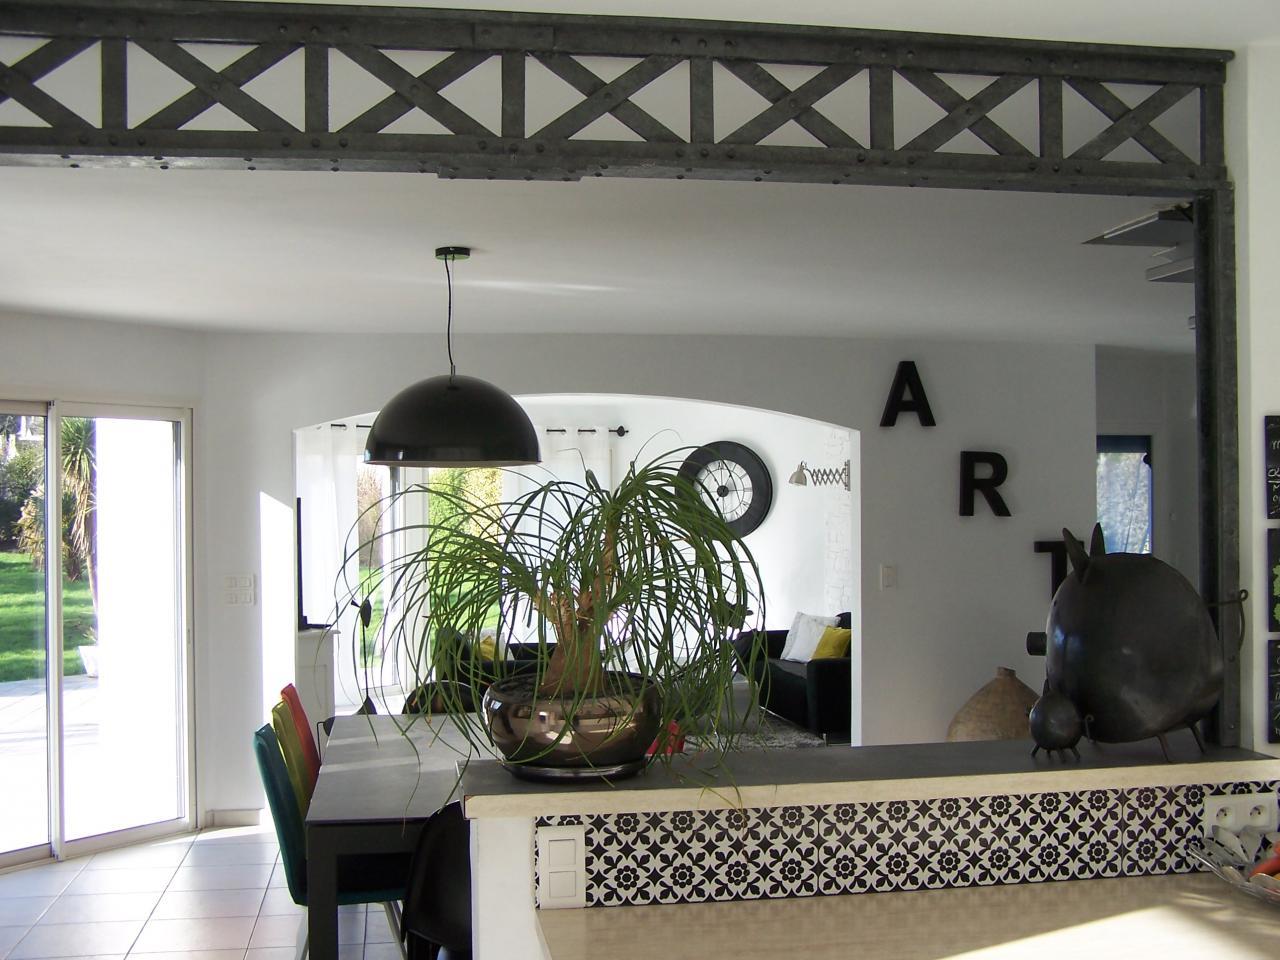 poutres d coratives industrielle. Black Bedroom Furniture Sets. Home Design Ideas